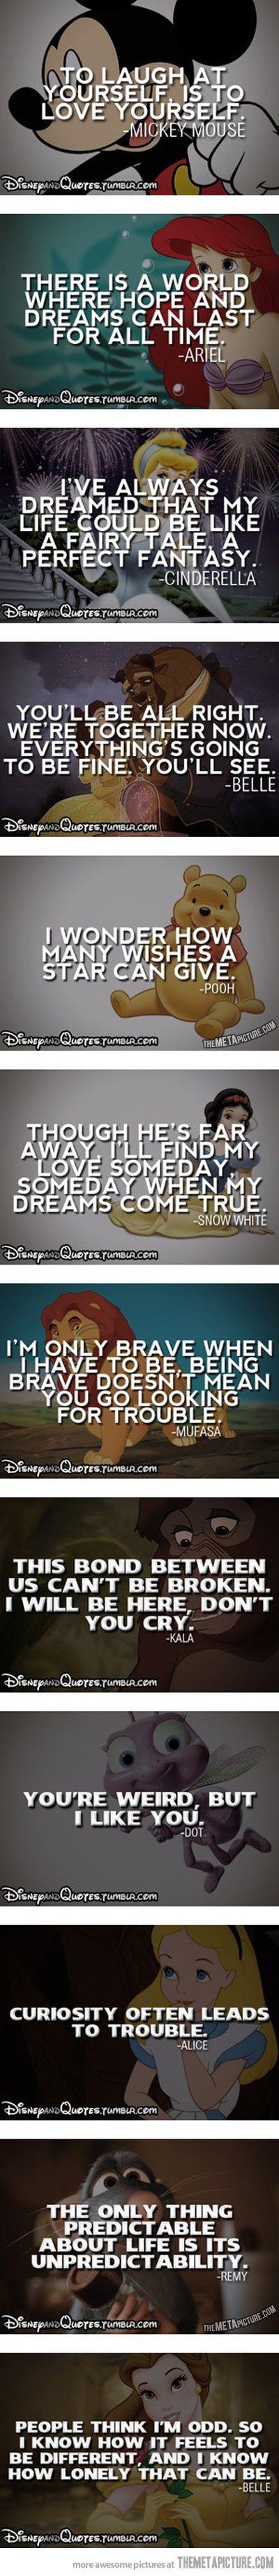 Disney quotes for a bulletin board or door decs